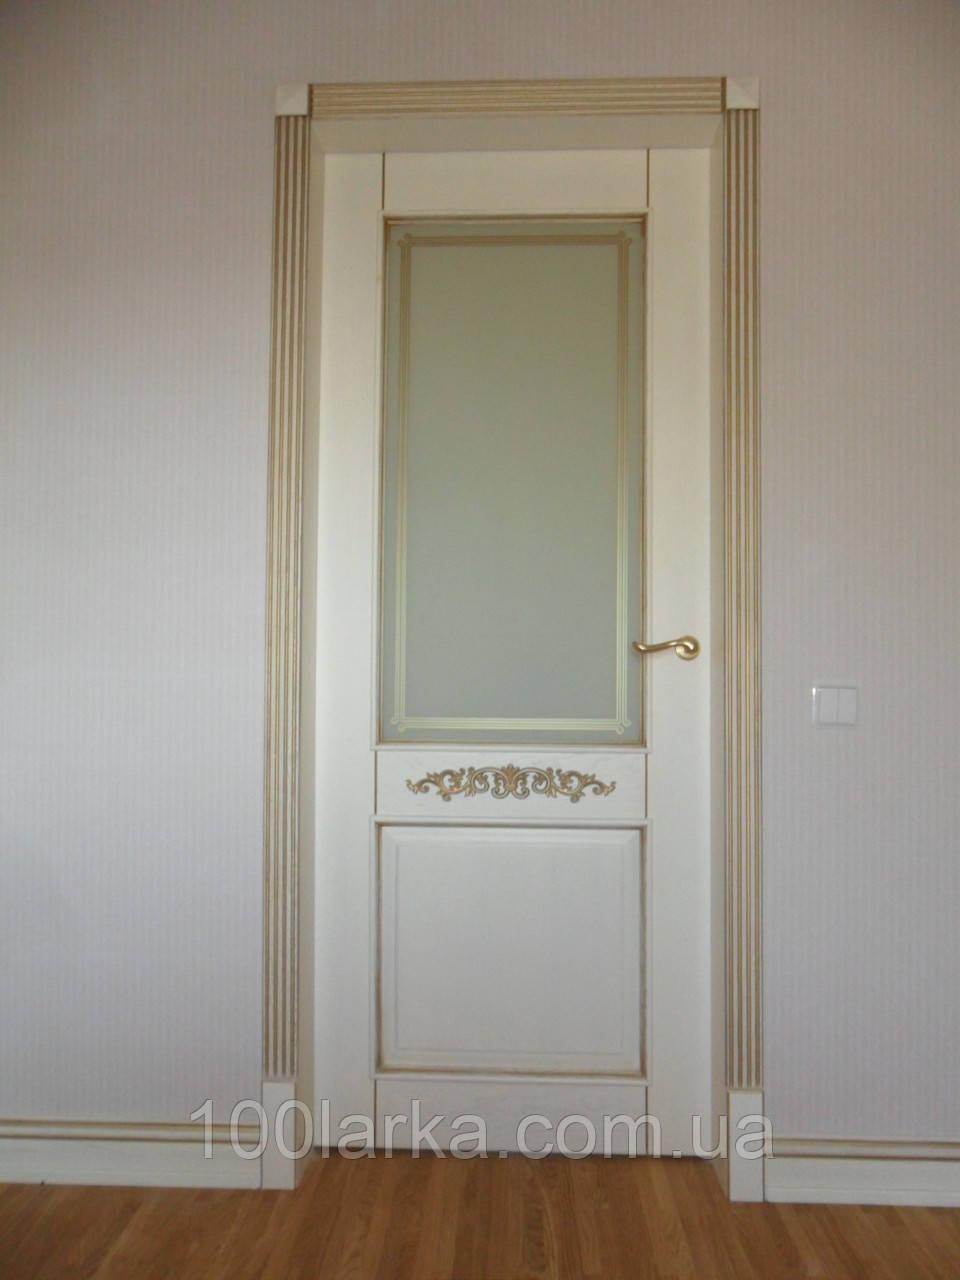 Двері дерев'яні міжкімнатні з ясена в Києві